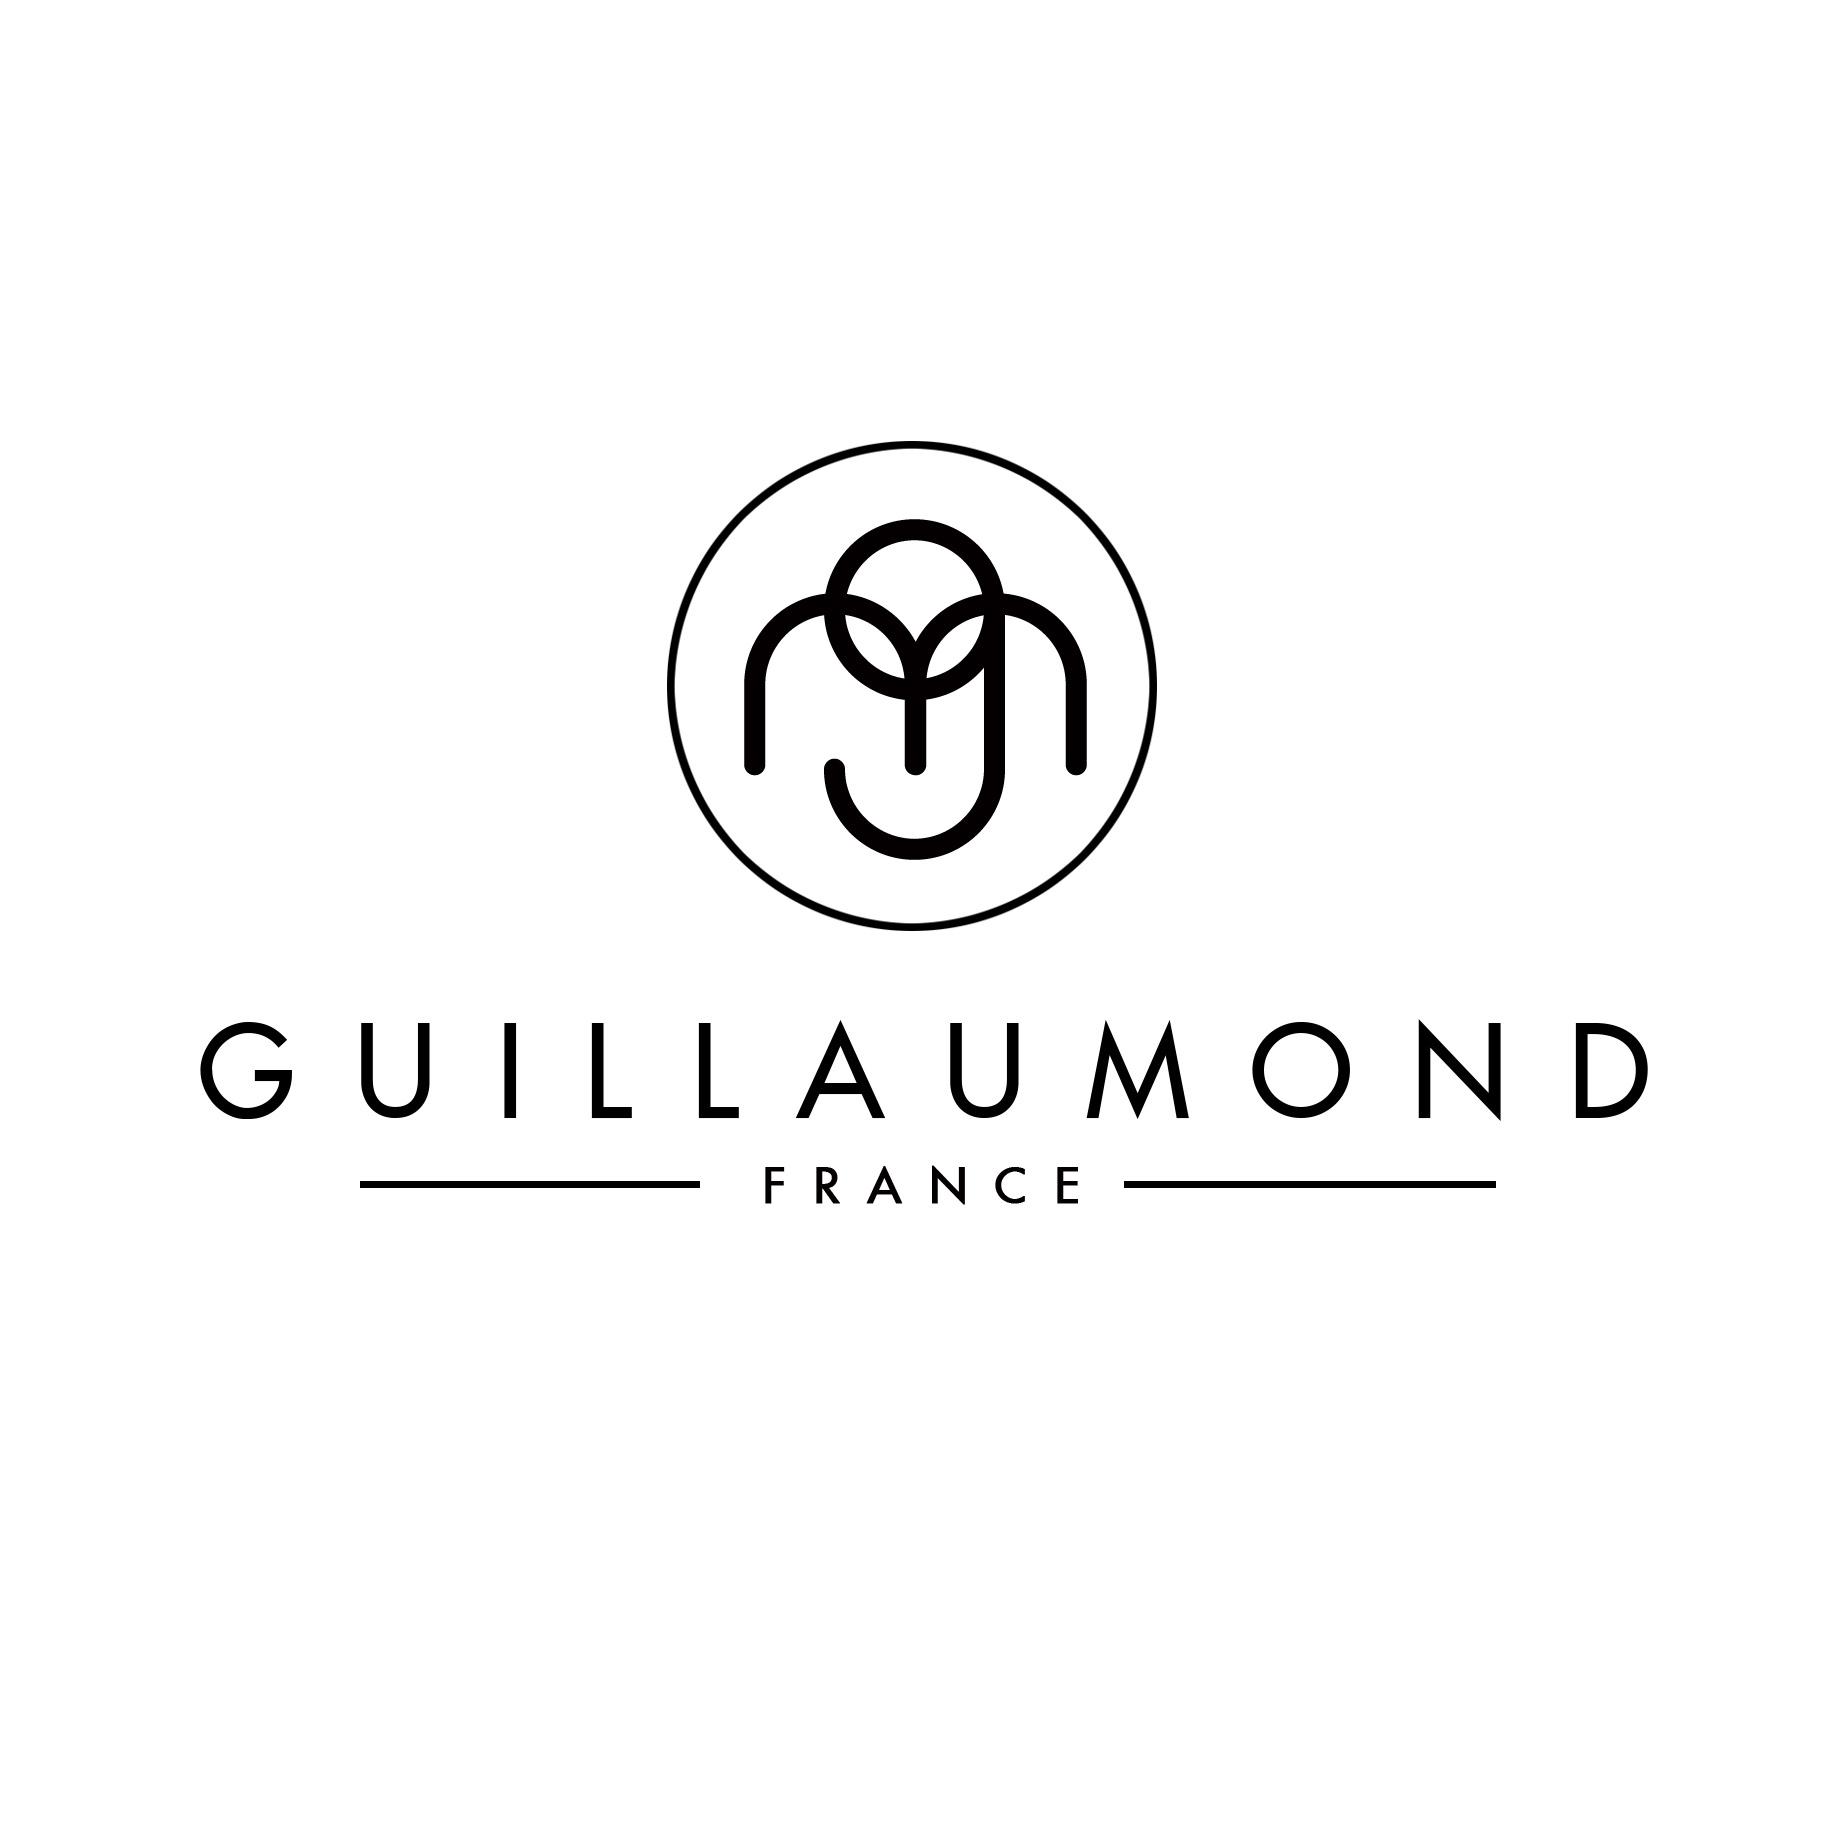 logo Gul france